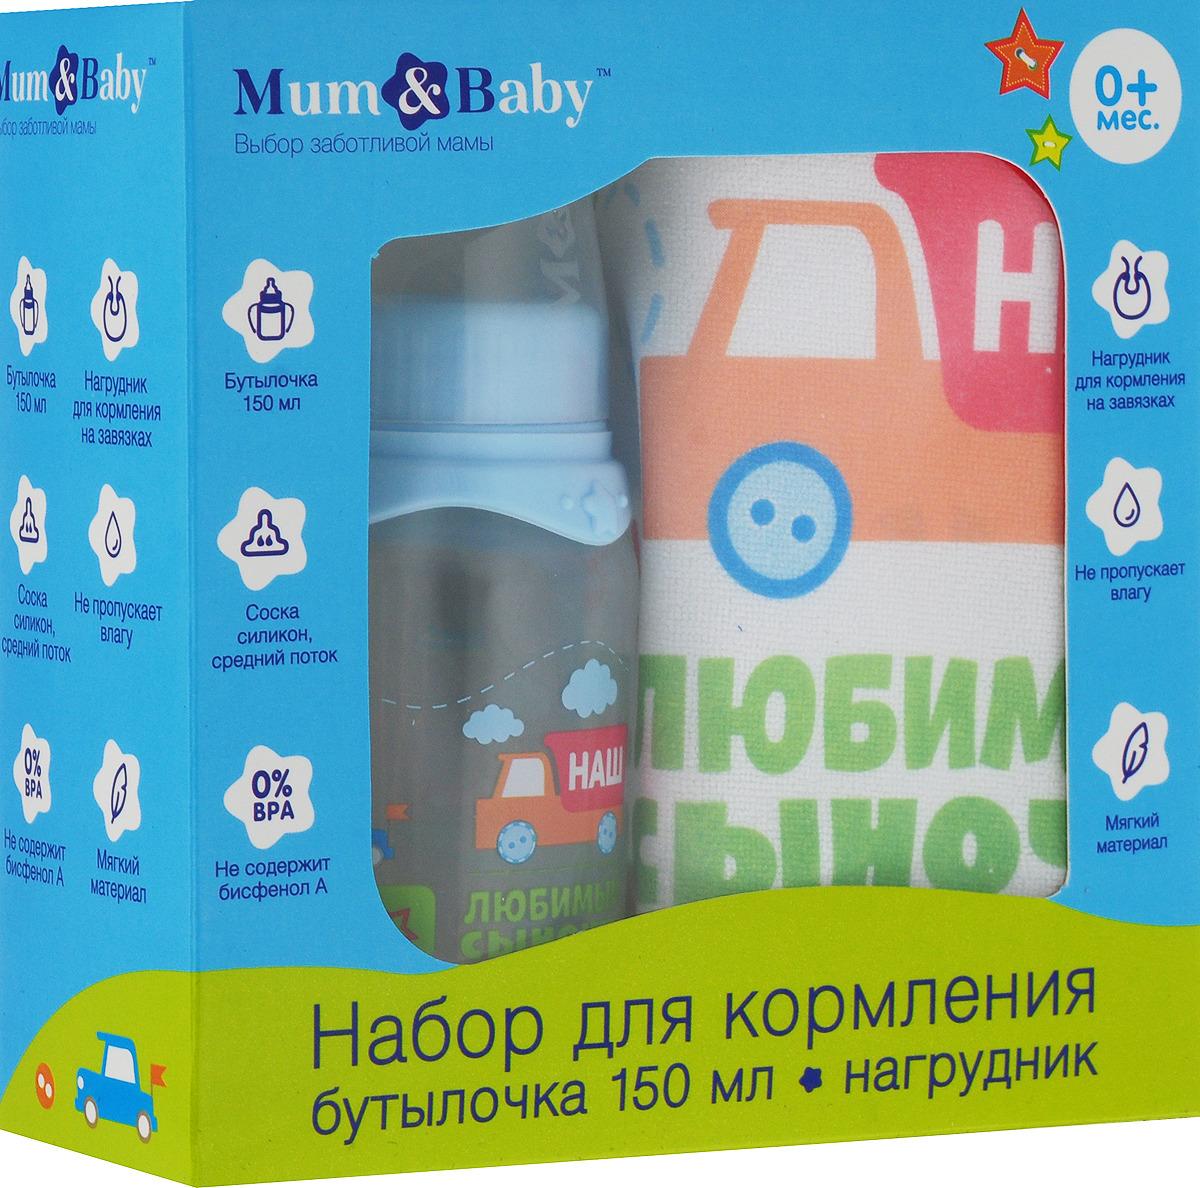 Набор Mum&Baby Сыночек бутылочка для кормления, 150 мл + нагрудник, 3654374 для кормления малыша